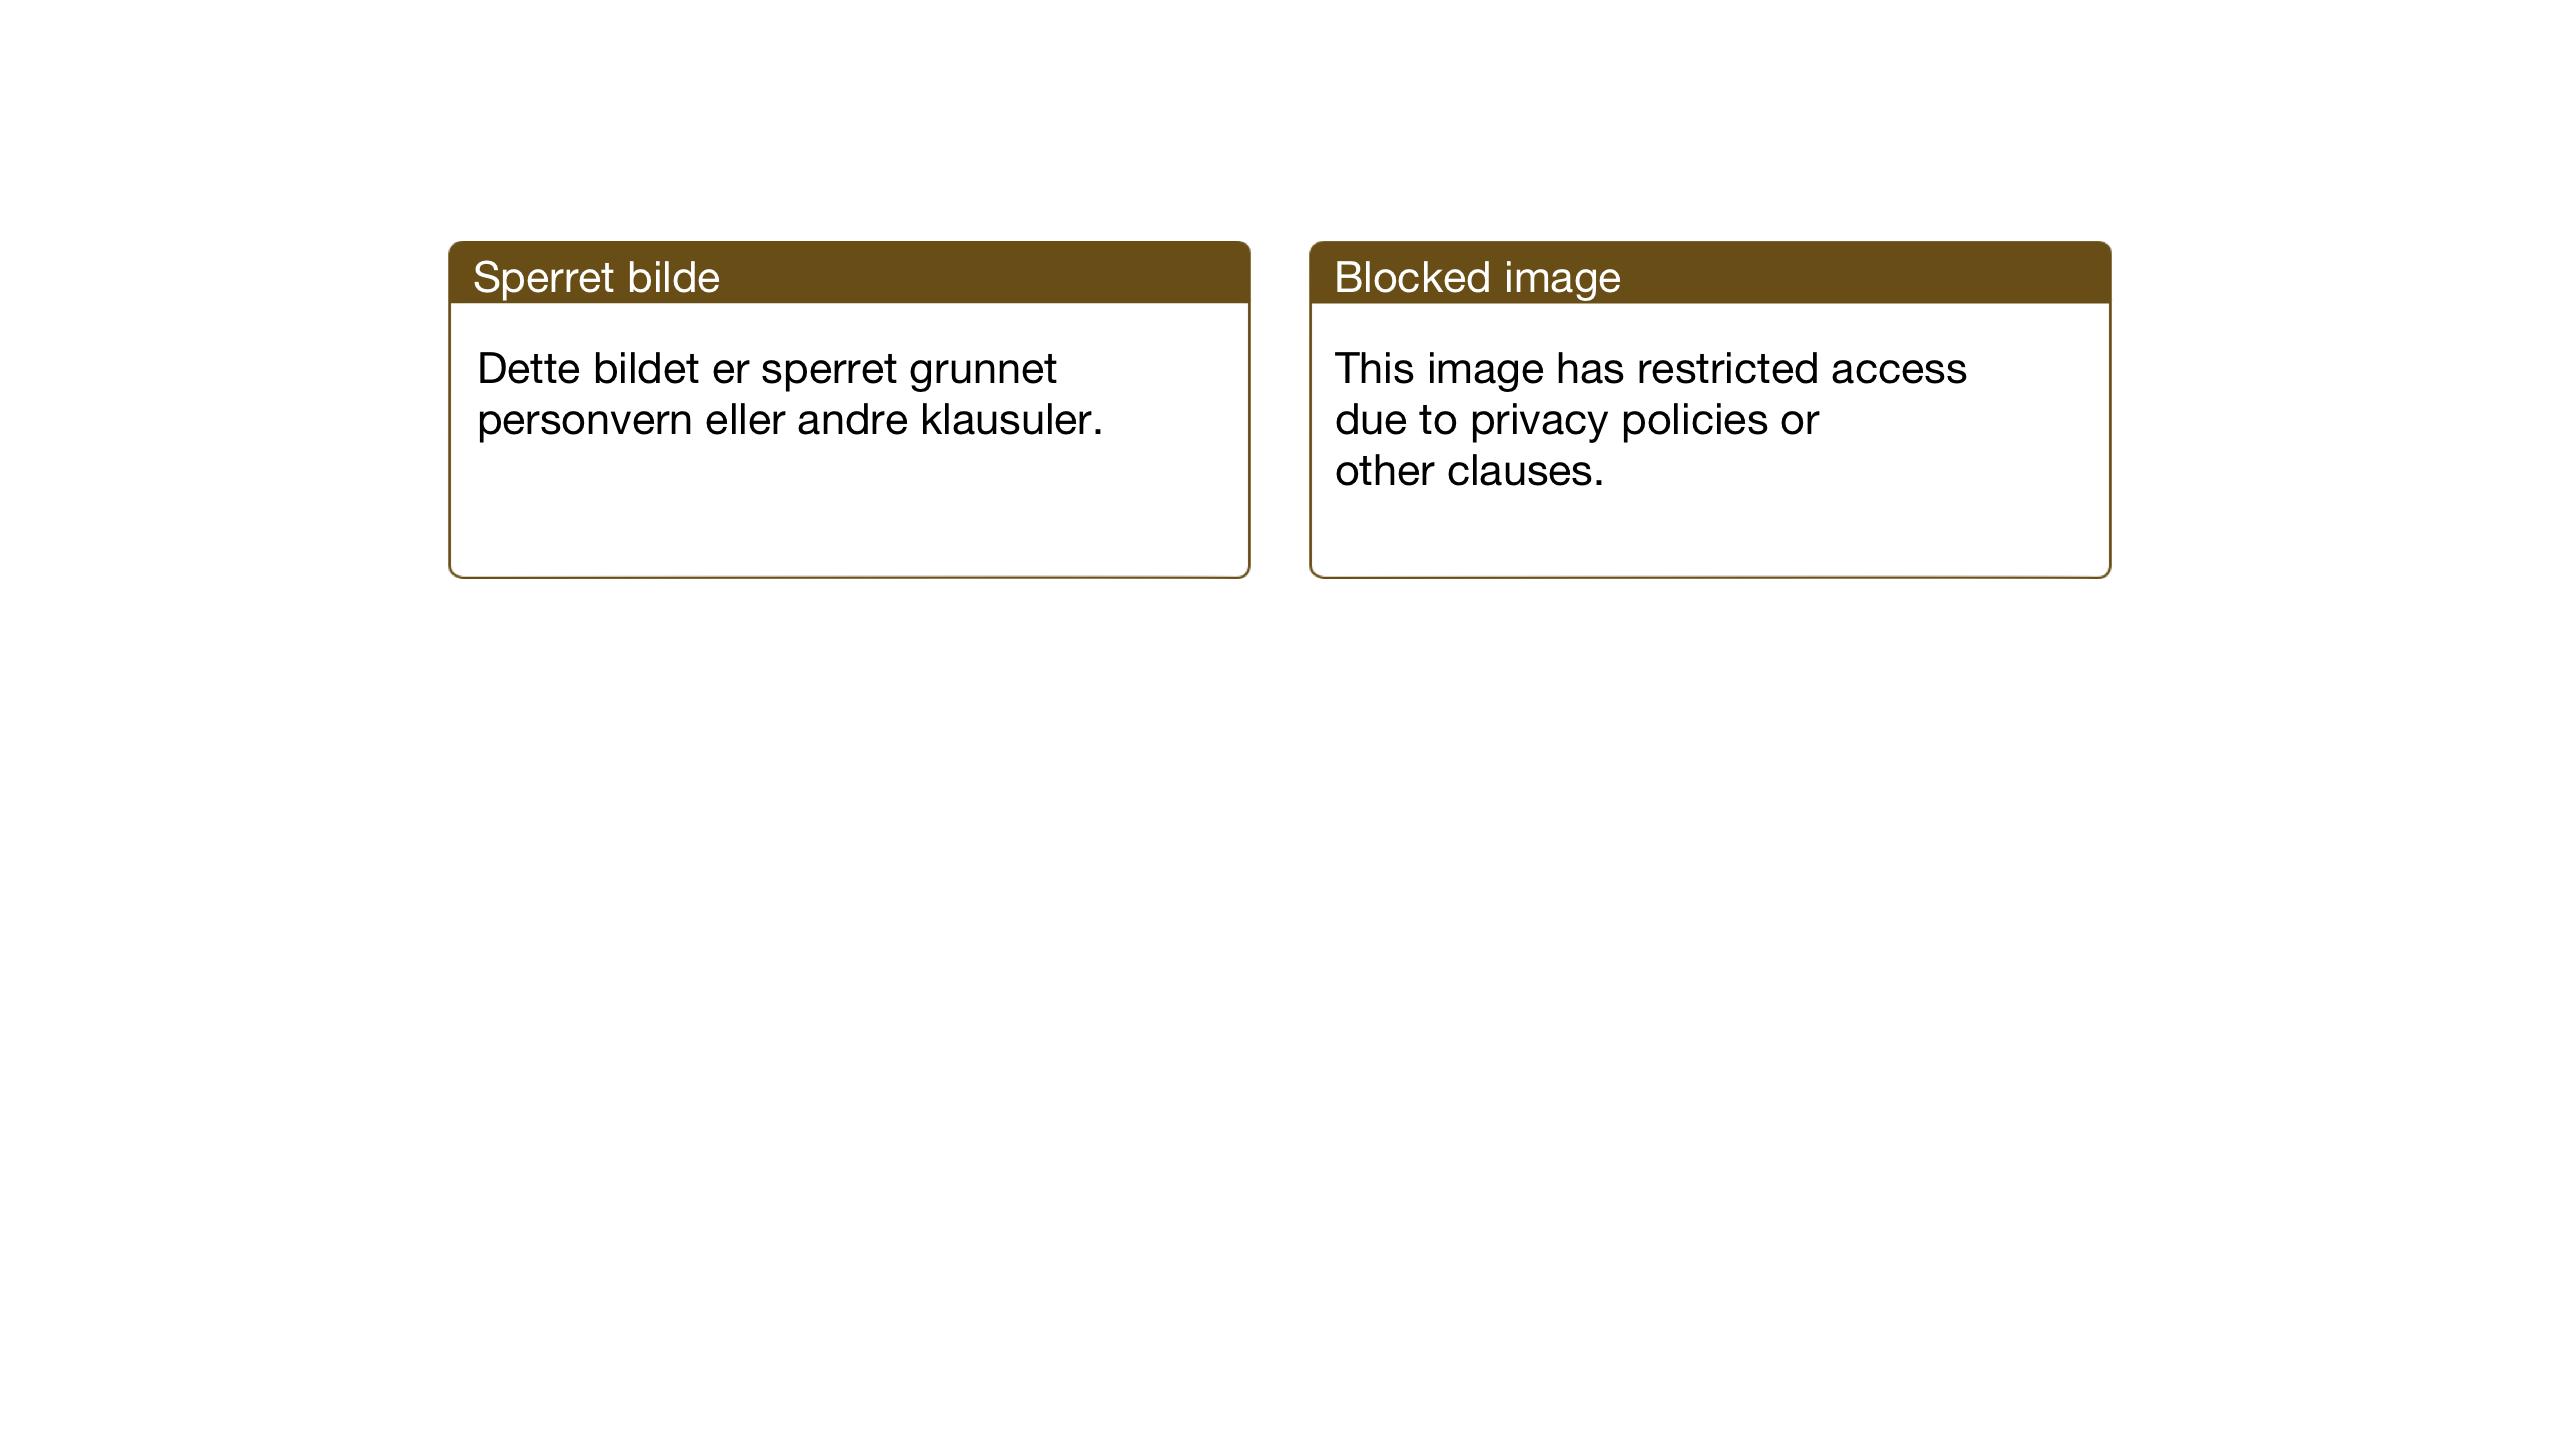 SAT, Ministerialprotokoller, klokkerbøker og fødselsregistre - Sør-Trøndelag, 630/L0508: Klokkerbok nr. 630C06, 1933-1950, s. 227